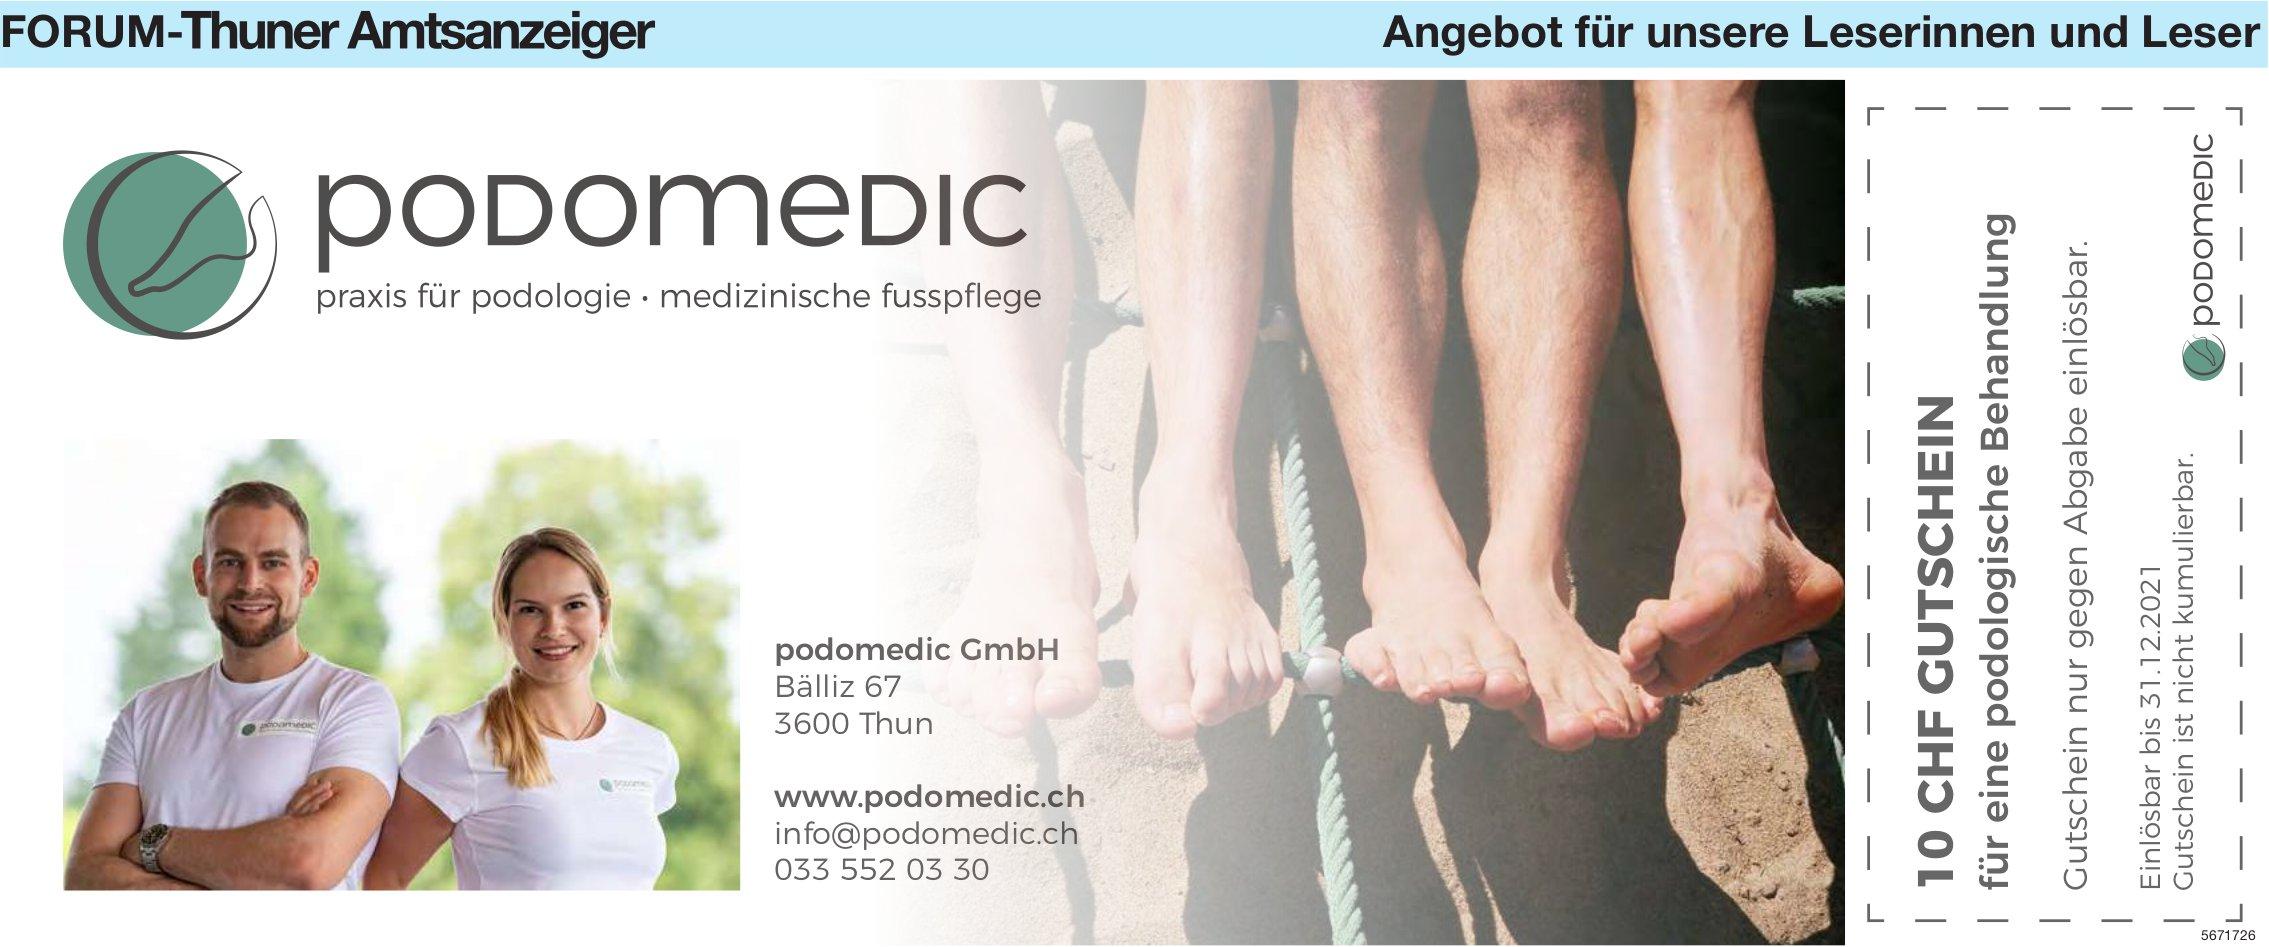 Forum-Thuner Amtsanzeiger - Podomedic: 10 CHF Gutschein für eine podologische Behandlung